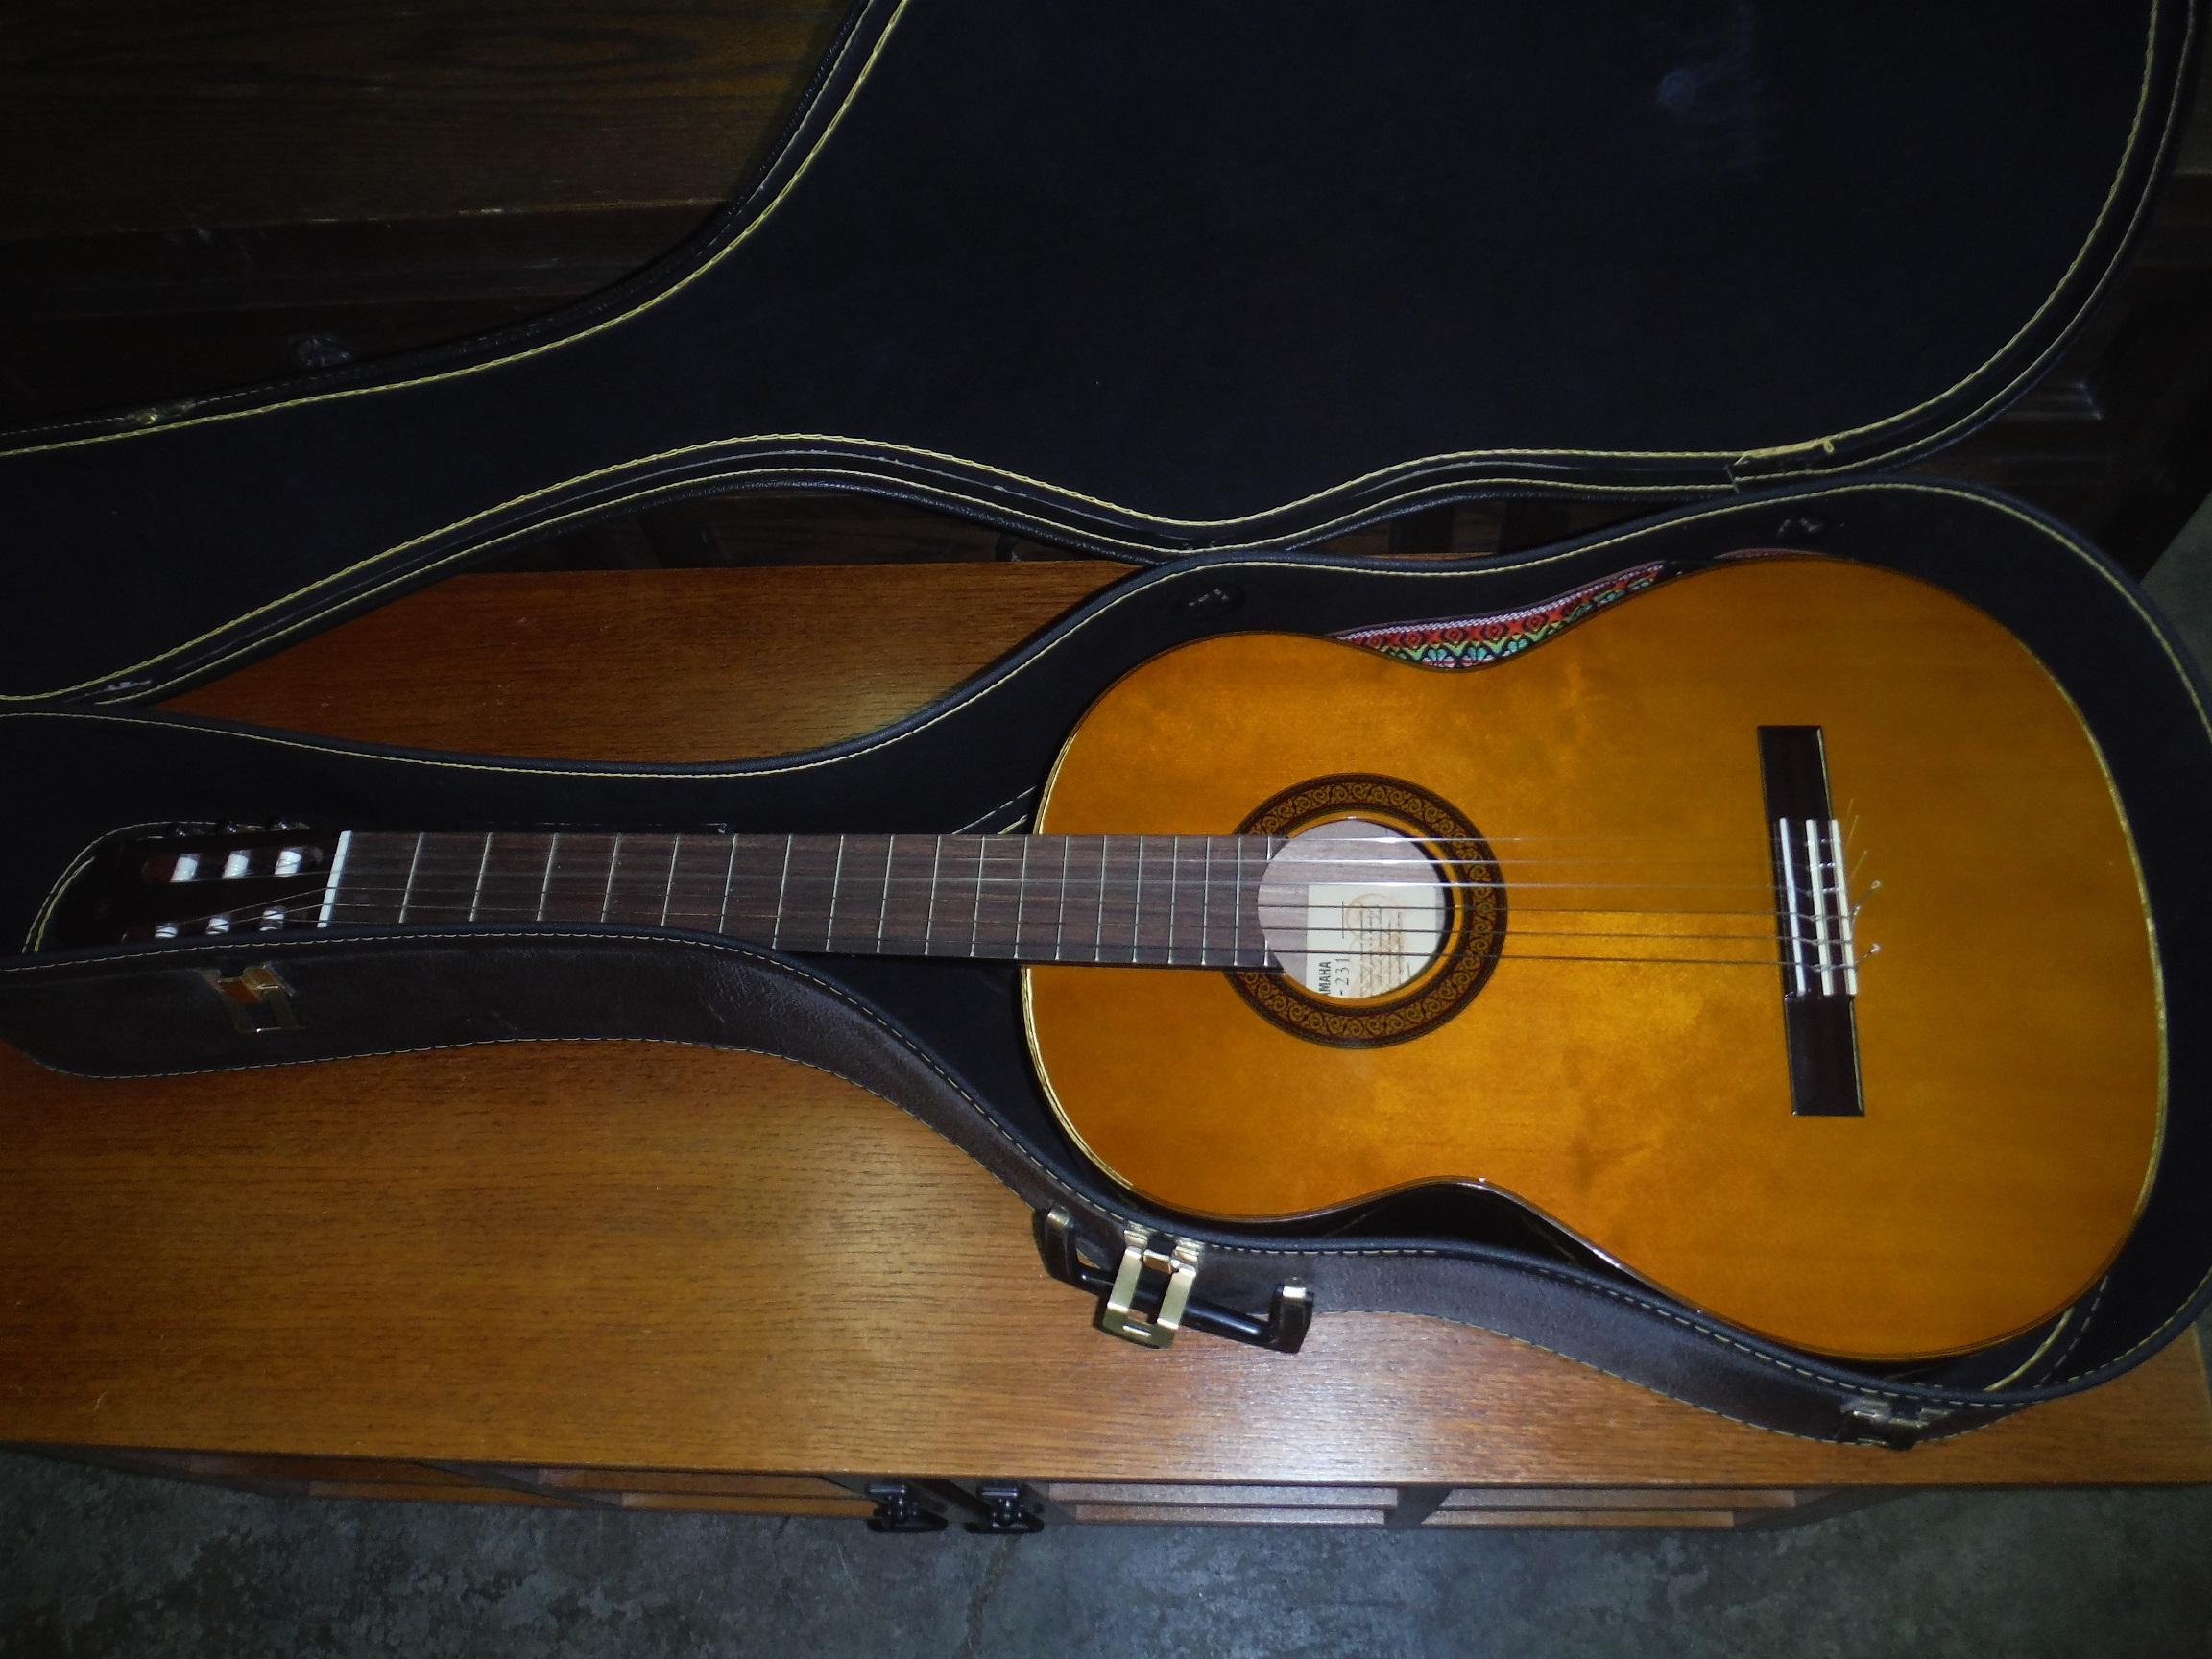 https://0901.nccdn.net/4_2/000/000/056/7dc/guitar.jpg